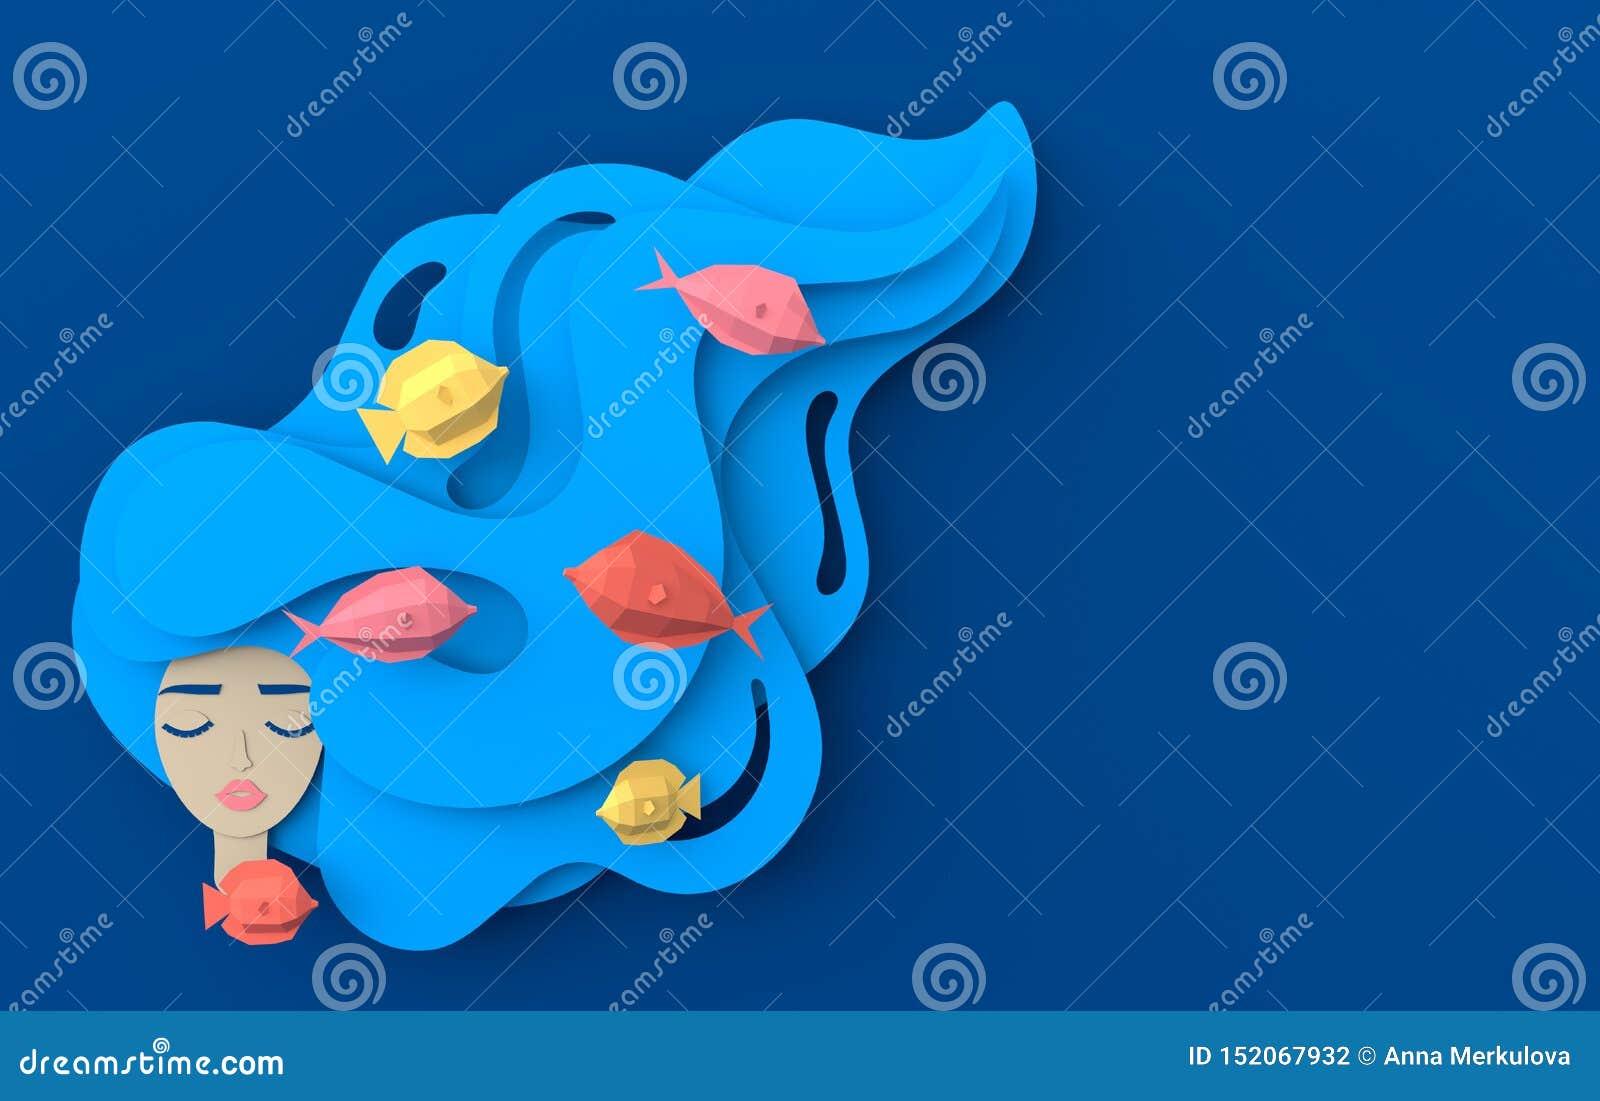 3d rinden el retrato de la sirena hermosa joven de la mujer con el pelo ondulado largo Vida marina subacuática de papel con los p